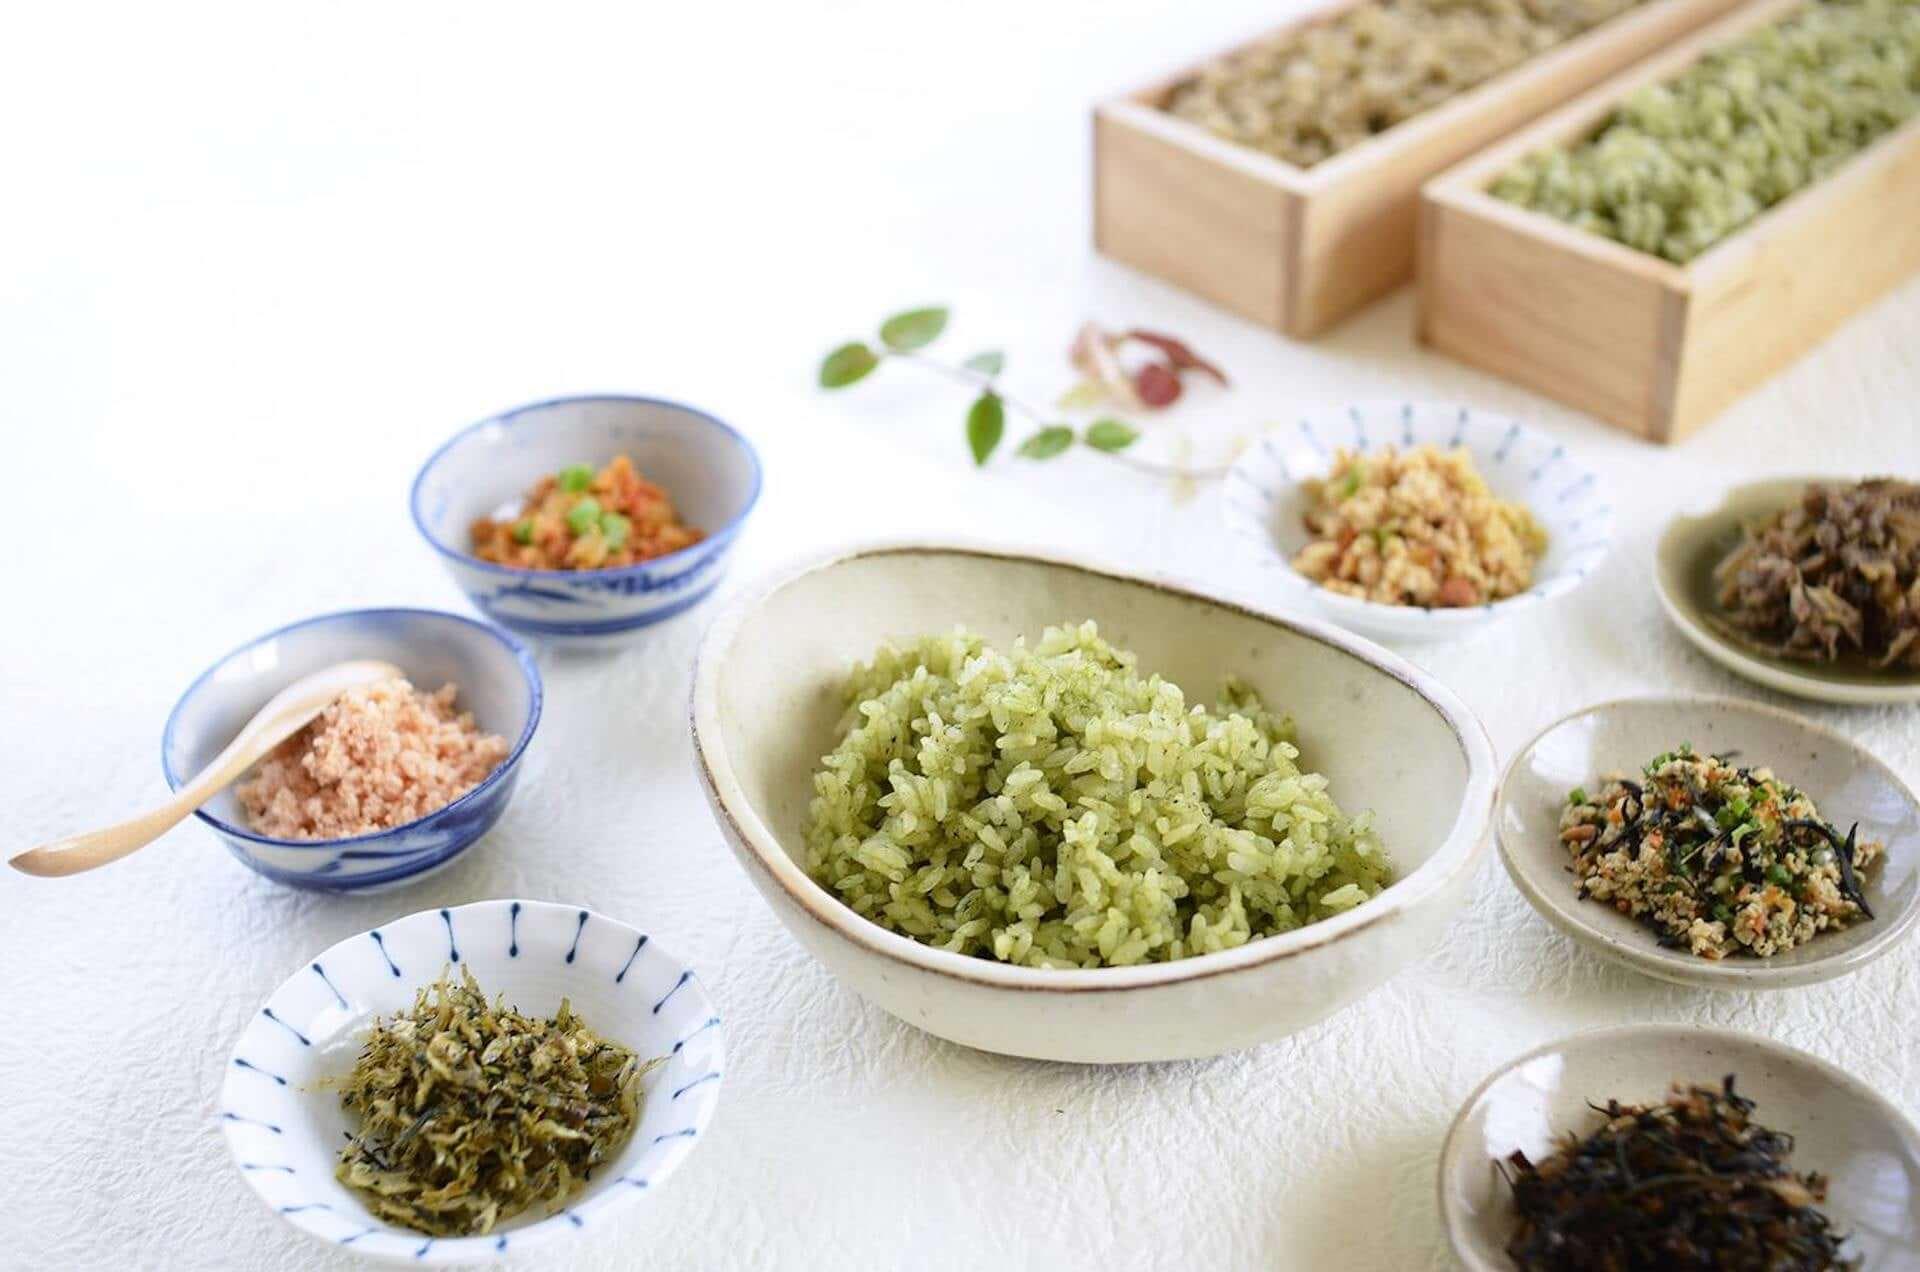 日本茶を使ったヘルシーなおうちごはん!おいしい日本茶研究所がブログでレシピを公開中 gourmet200525_oitea_recipe_5-1920x1272